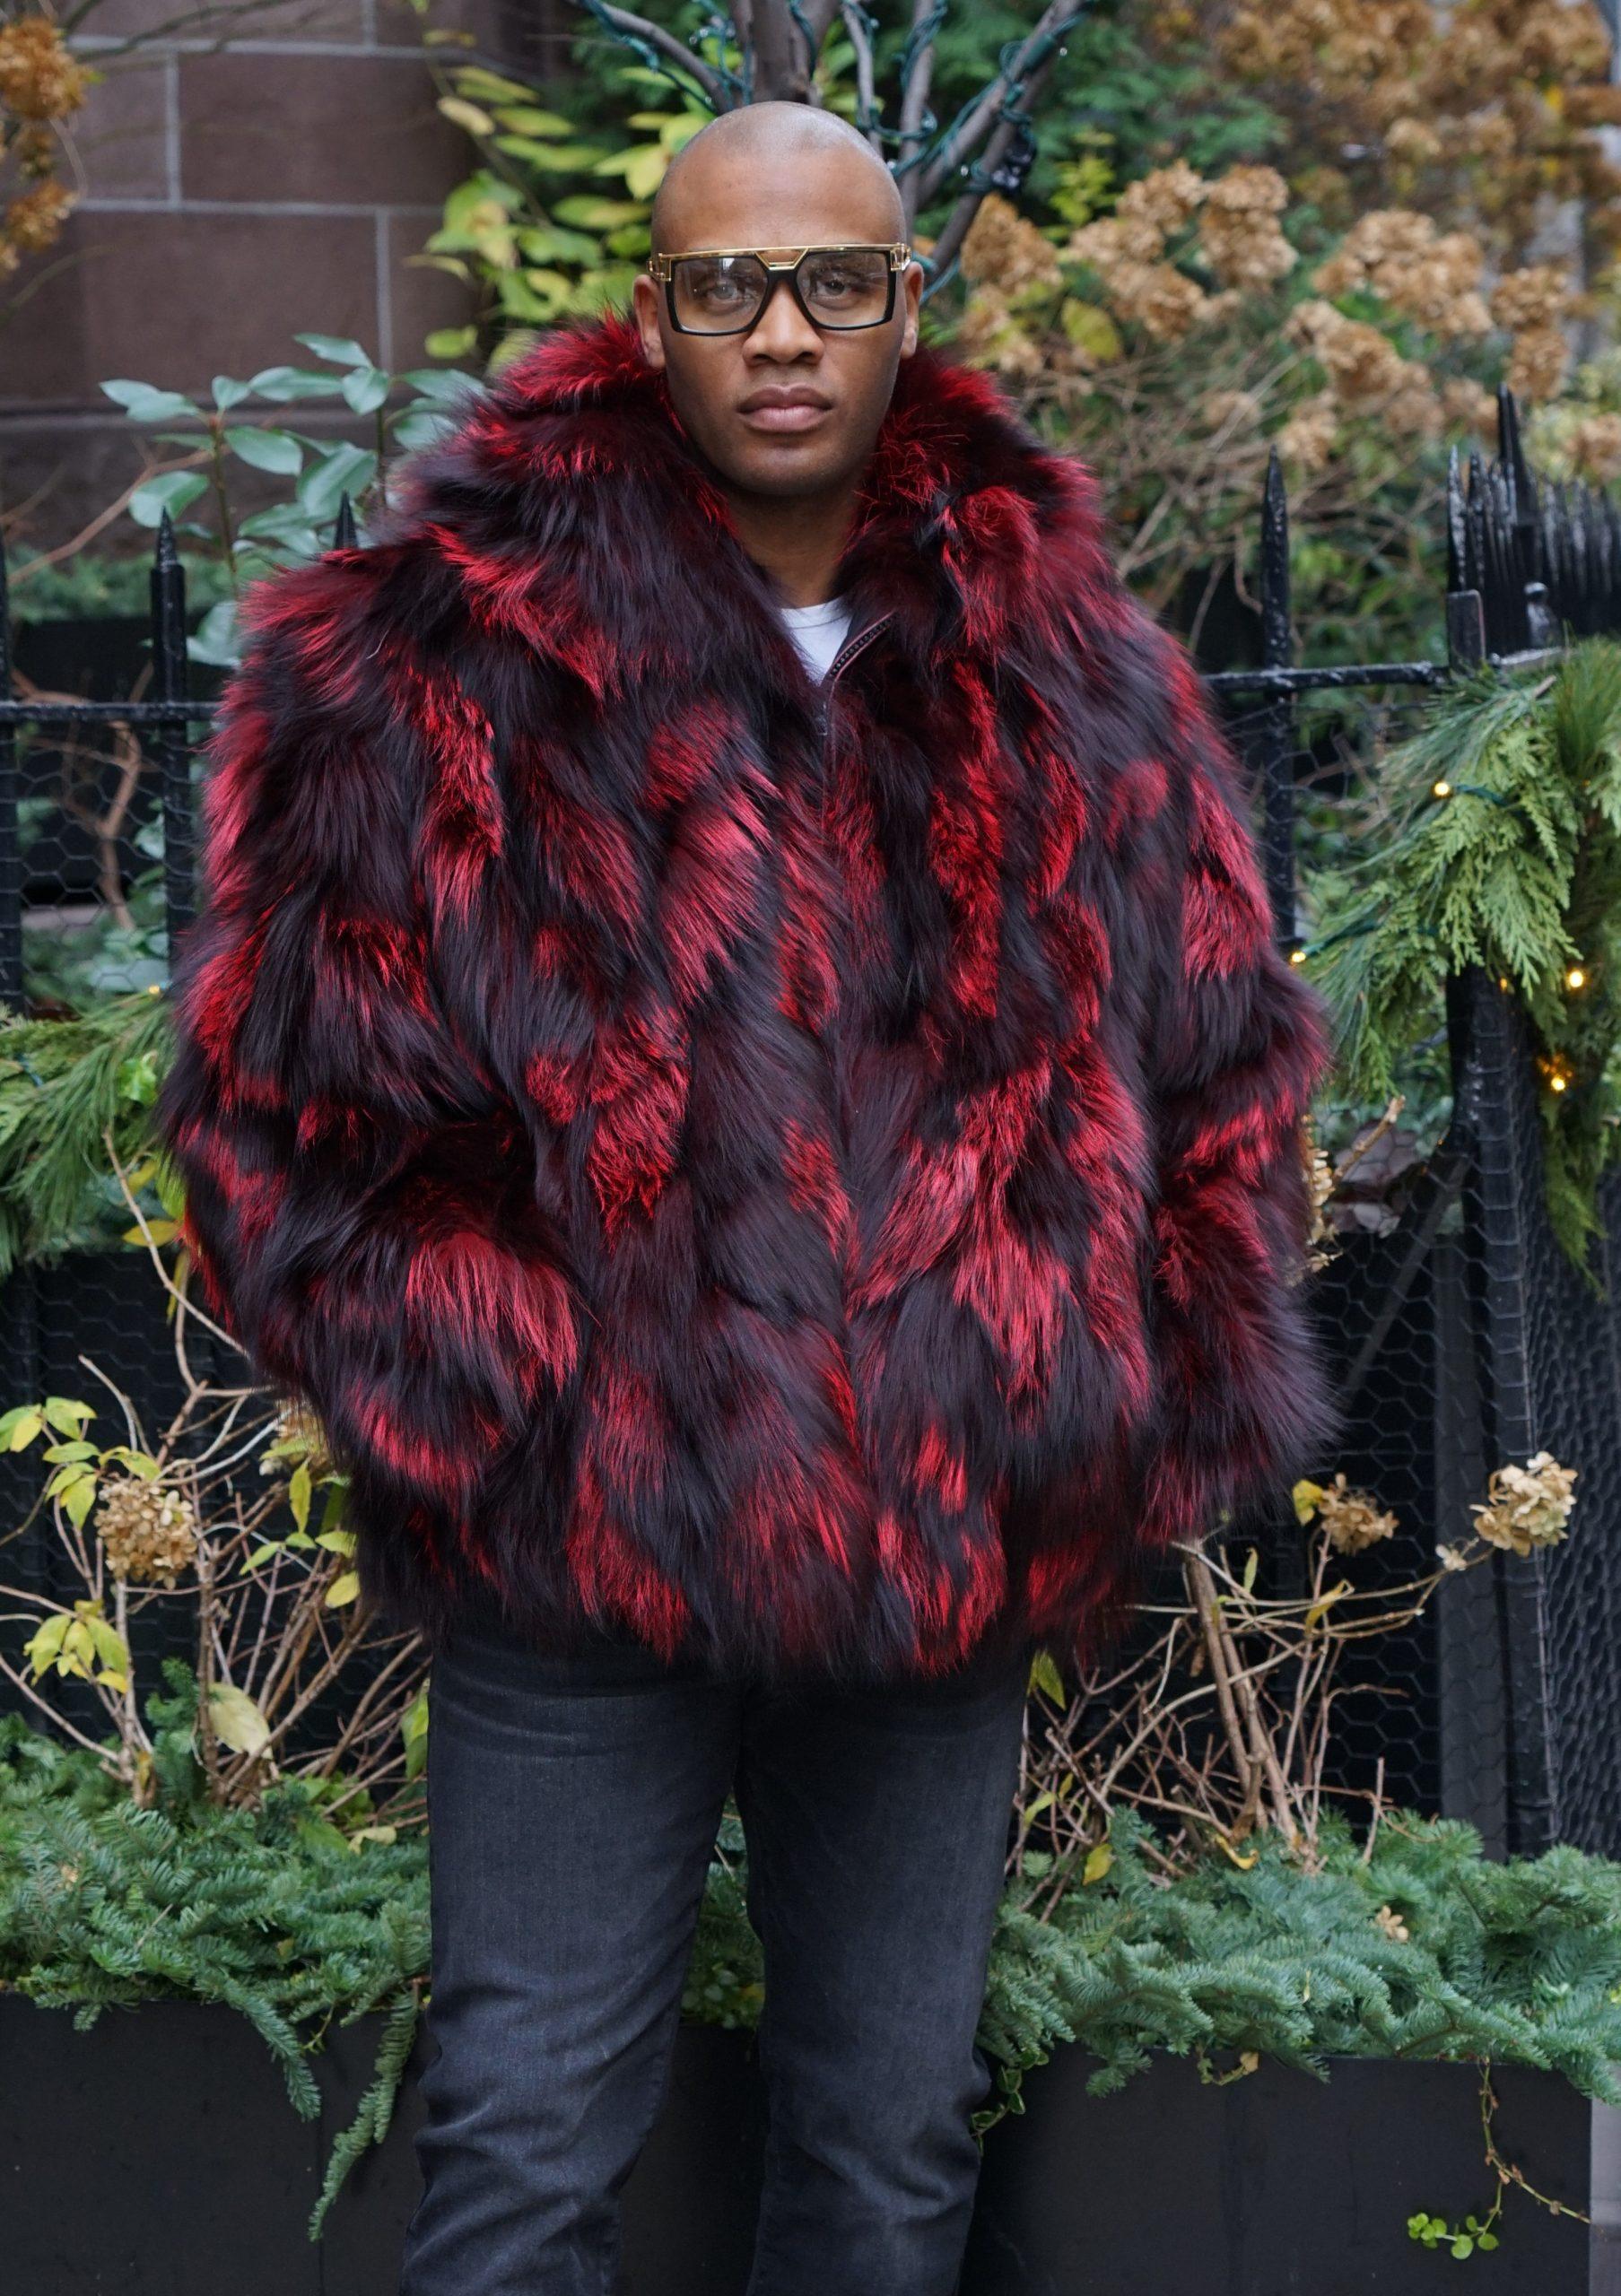 Burgundy Black Men's Fox Fur Jacket Hooded